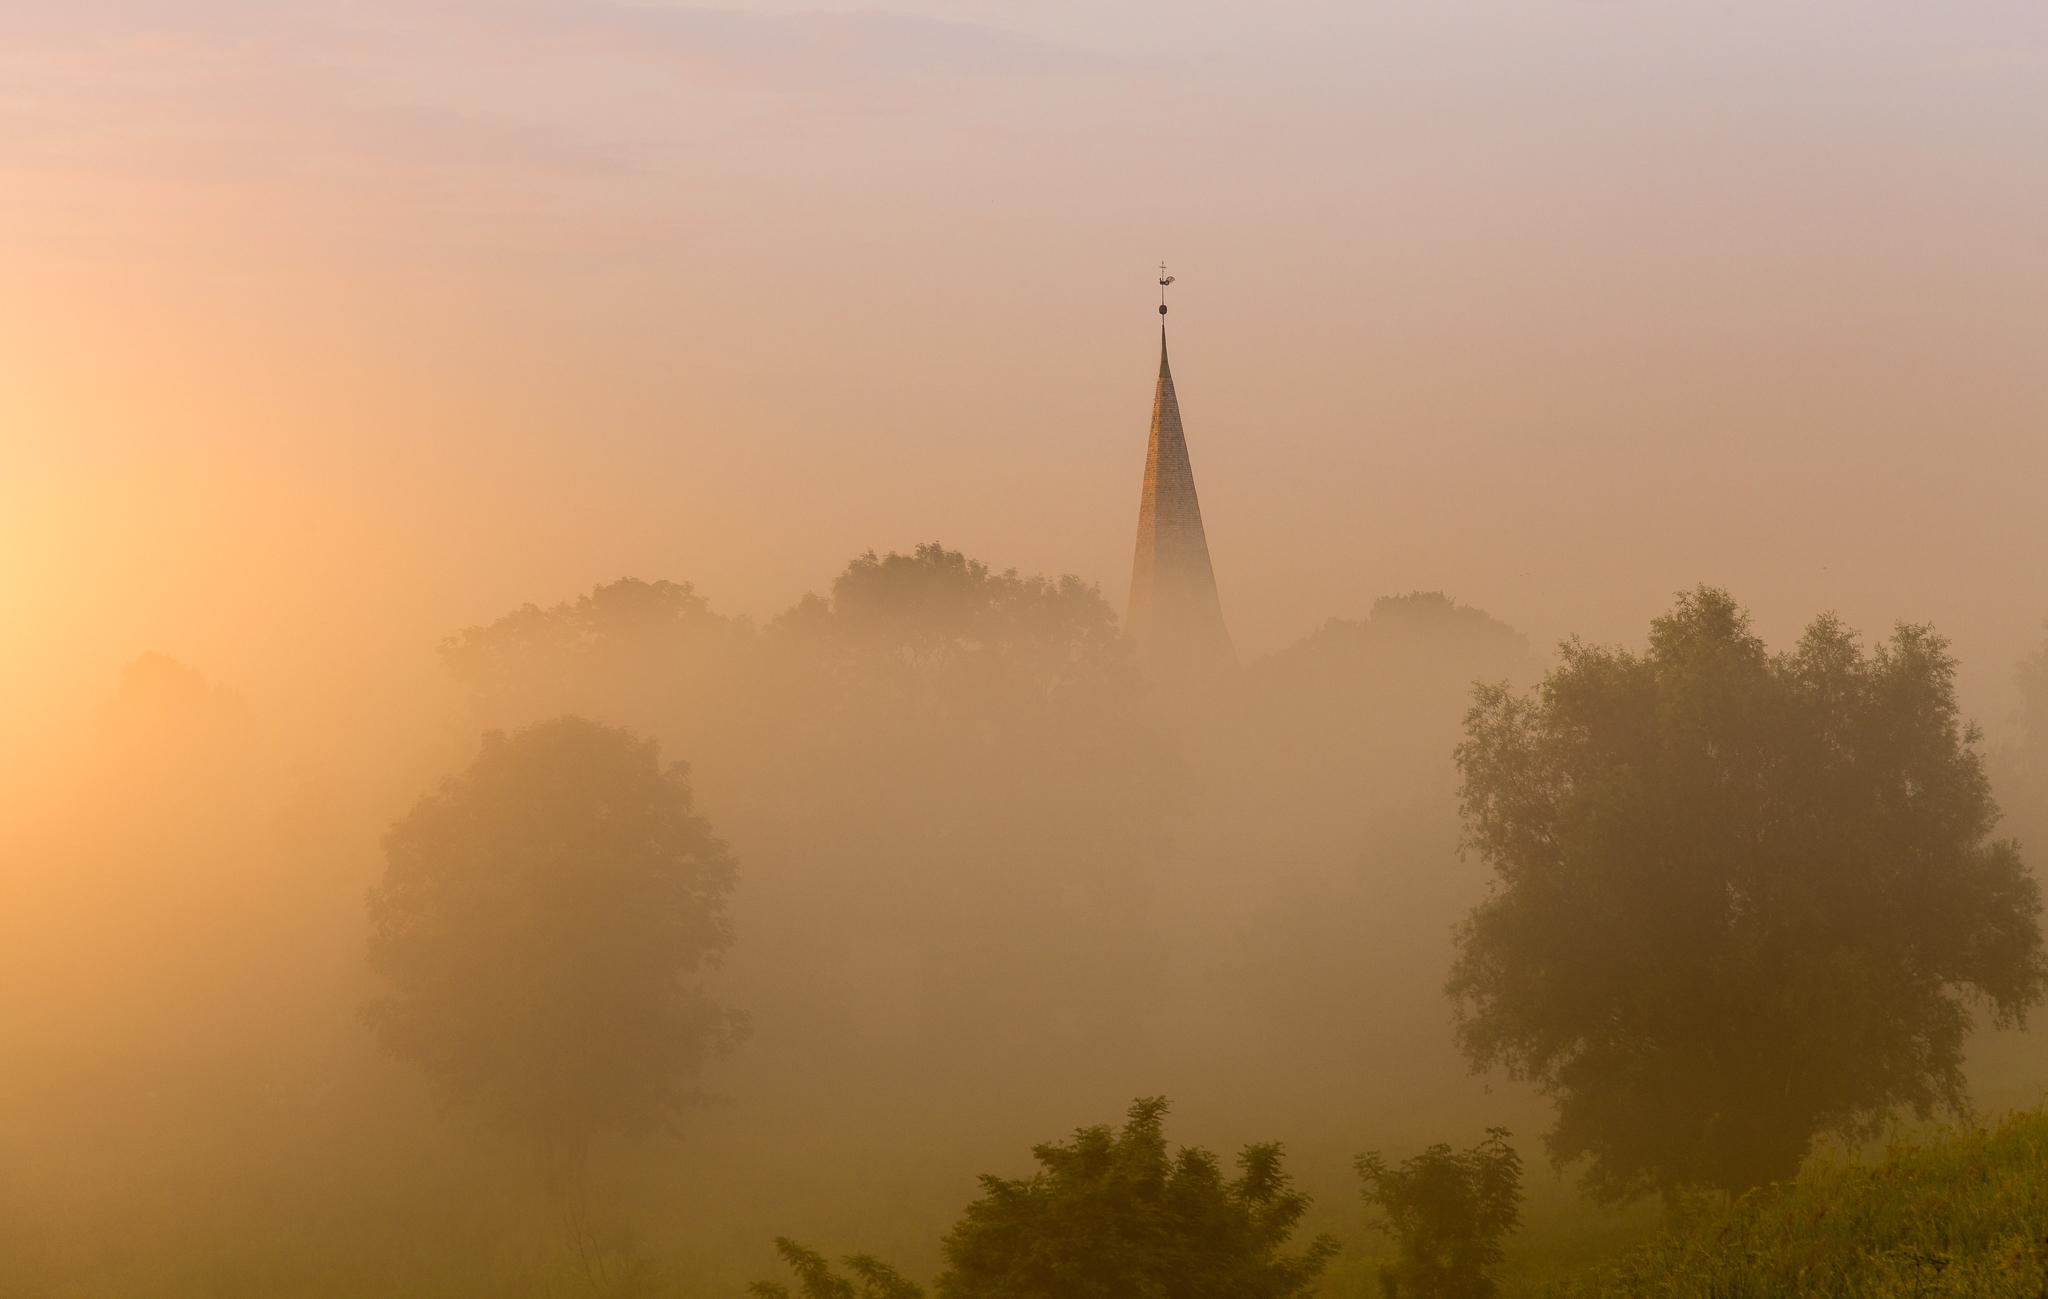 Kościołek wyłania się z mgły